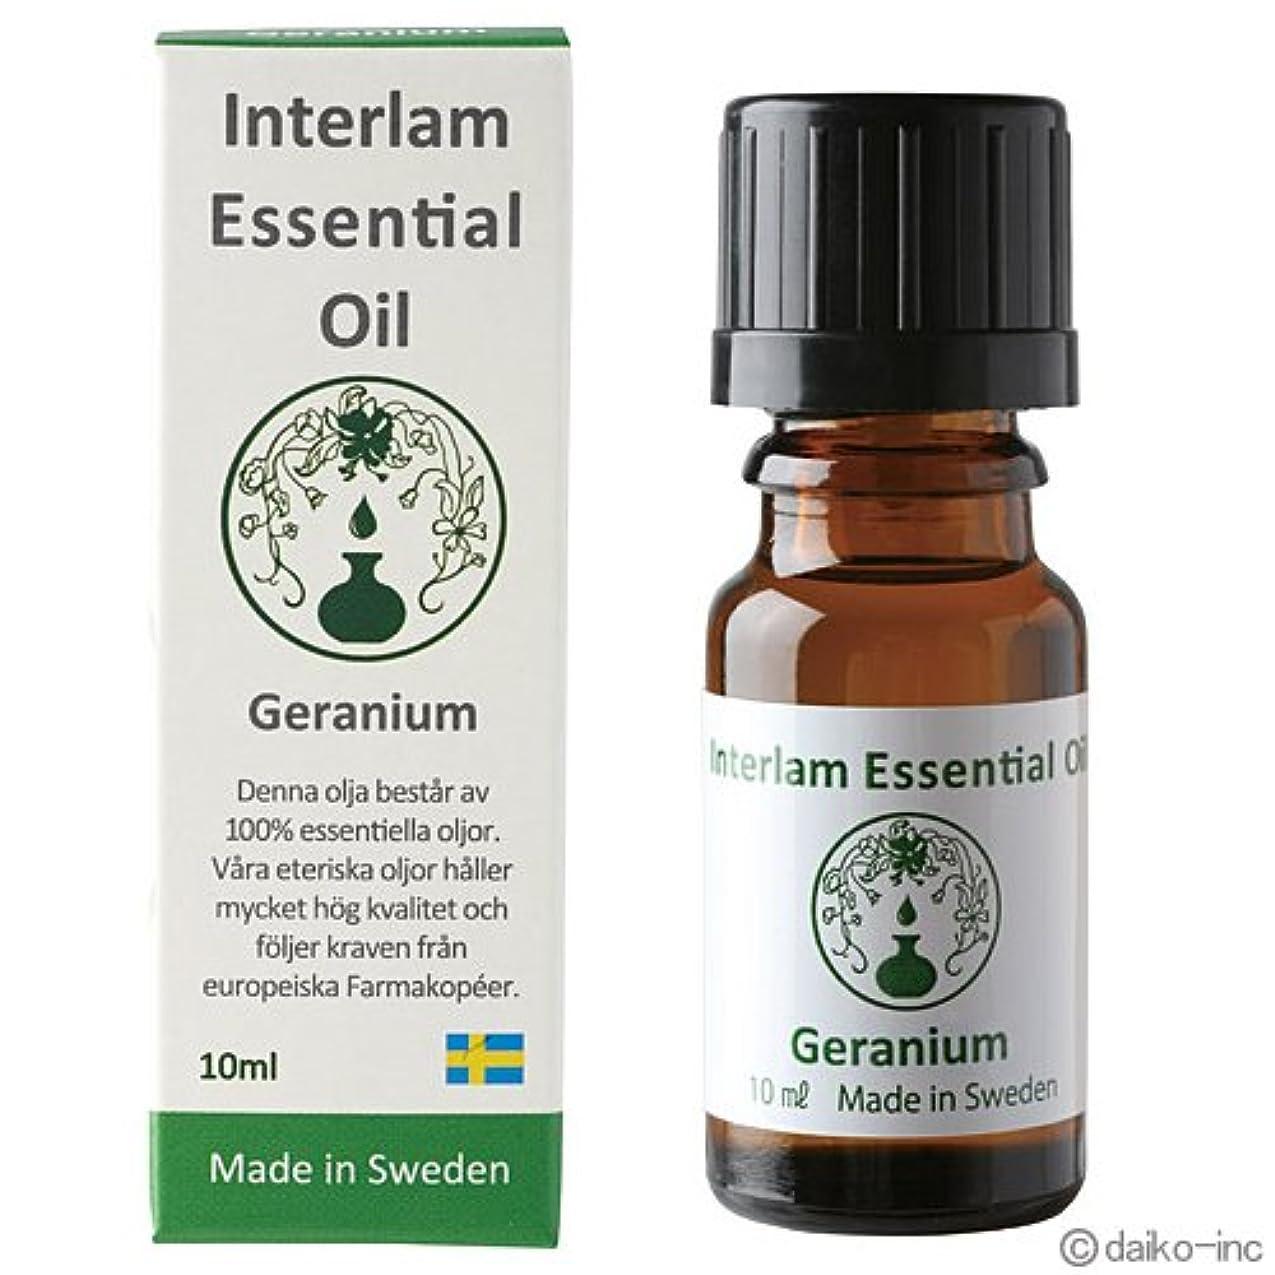 変更可能ナンセンス現代Interlam Essential Oil ゼラニウム 10ml